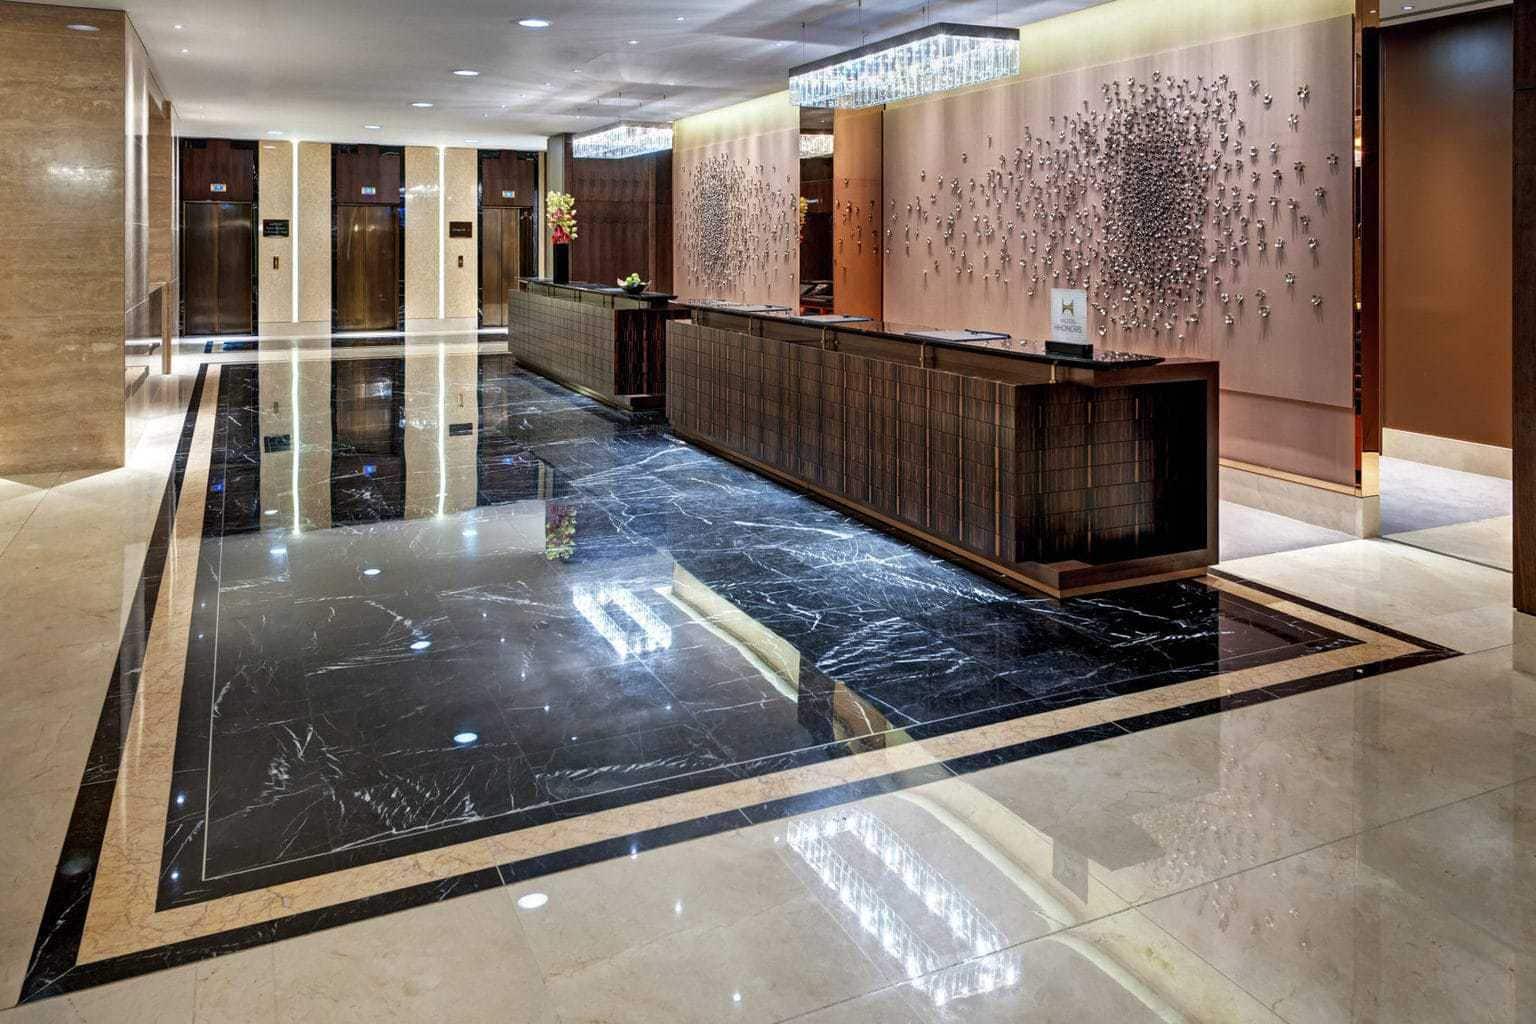 De lobby met veel marmer in het Hilton Hotel in Berlin